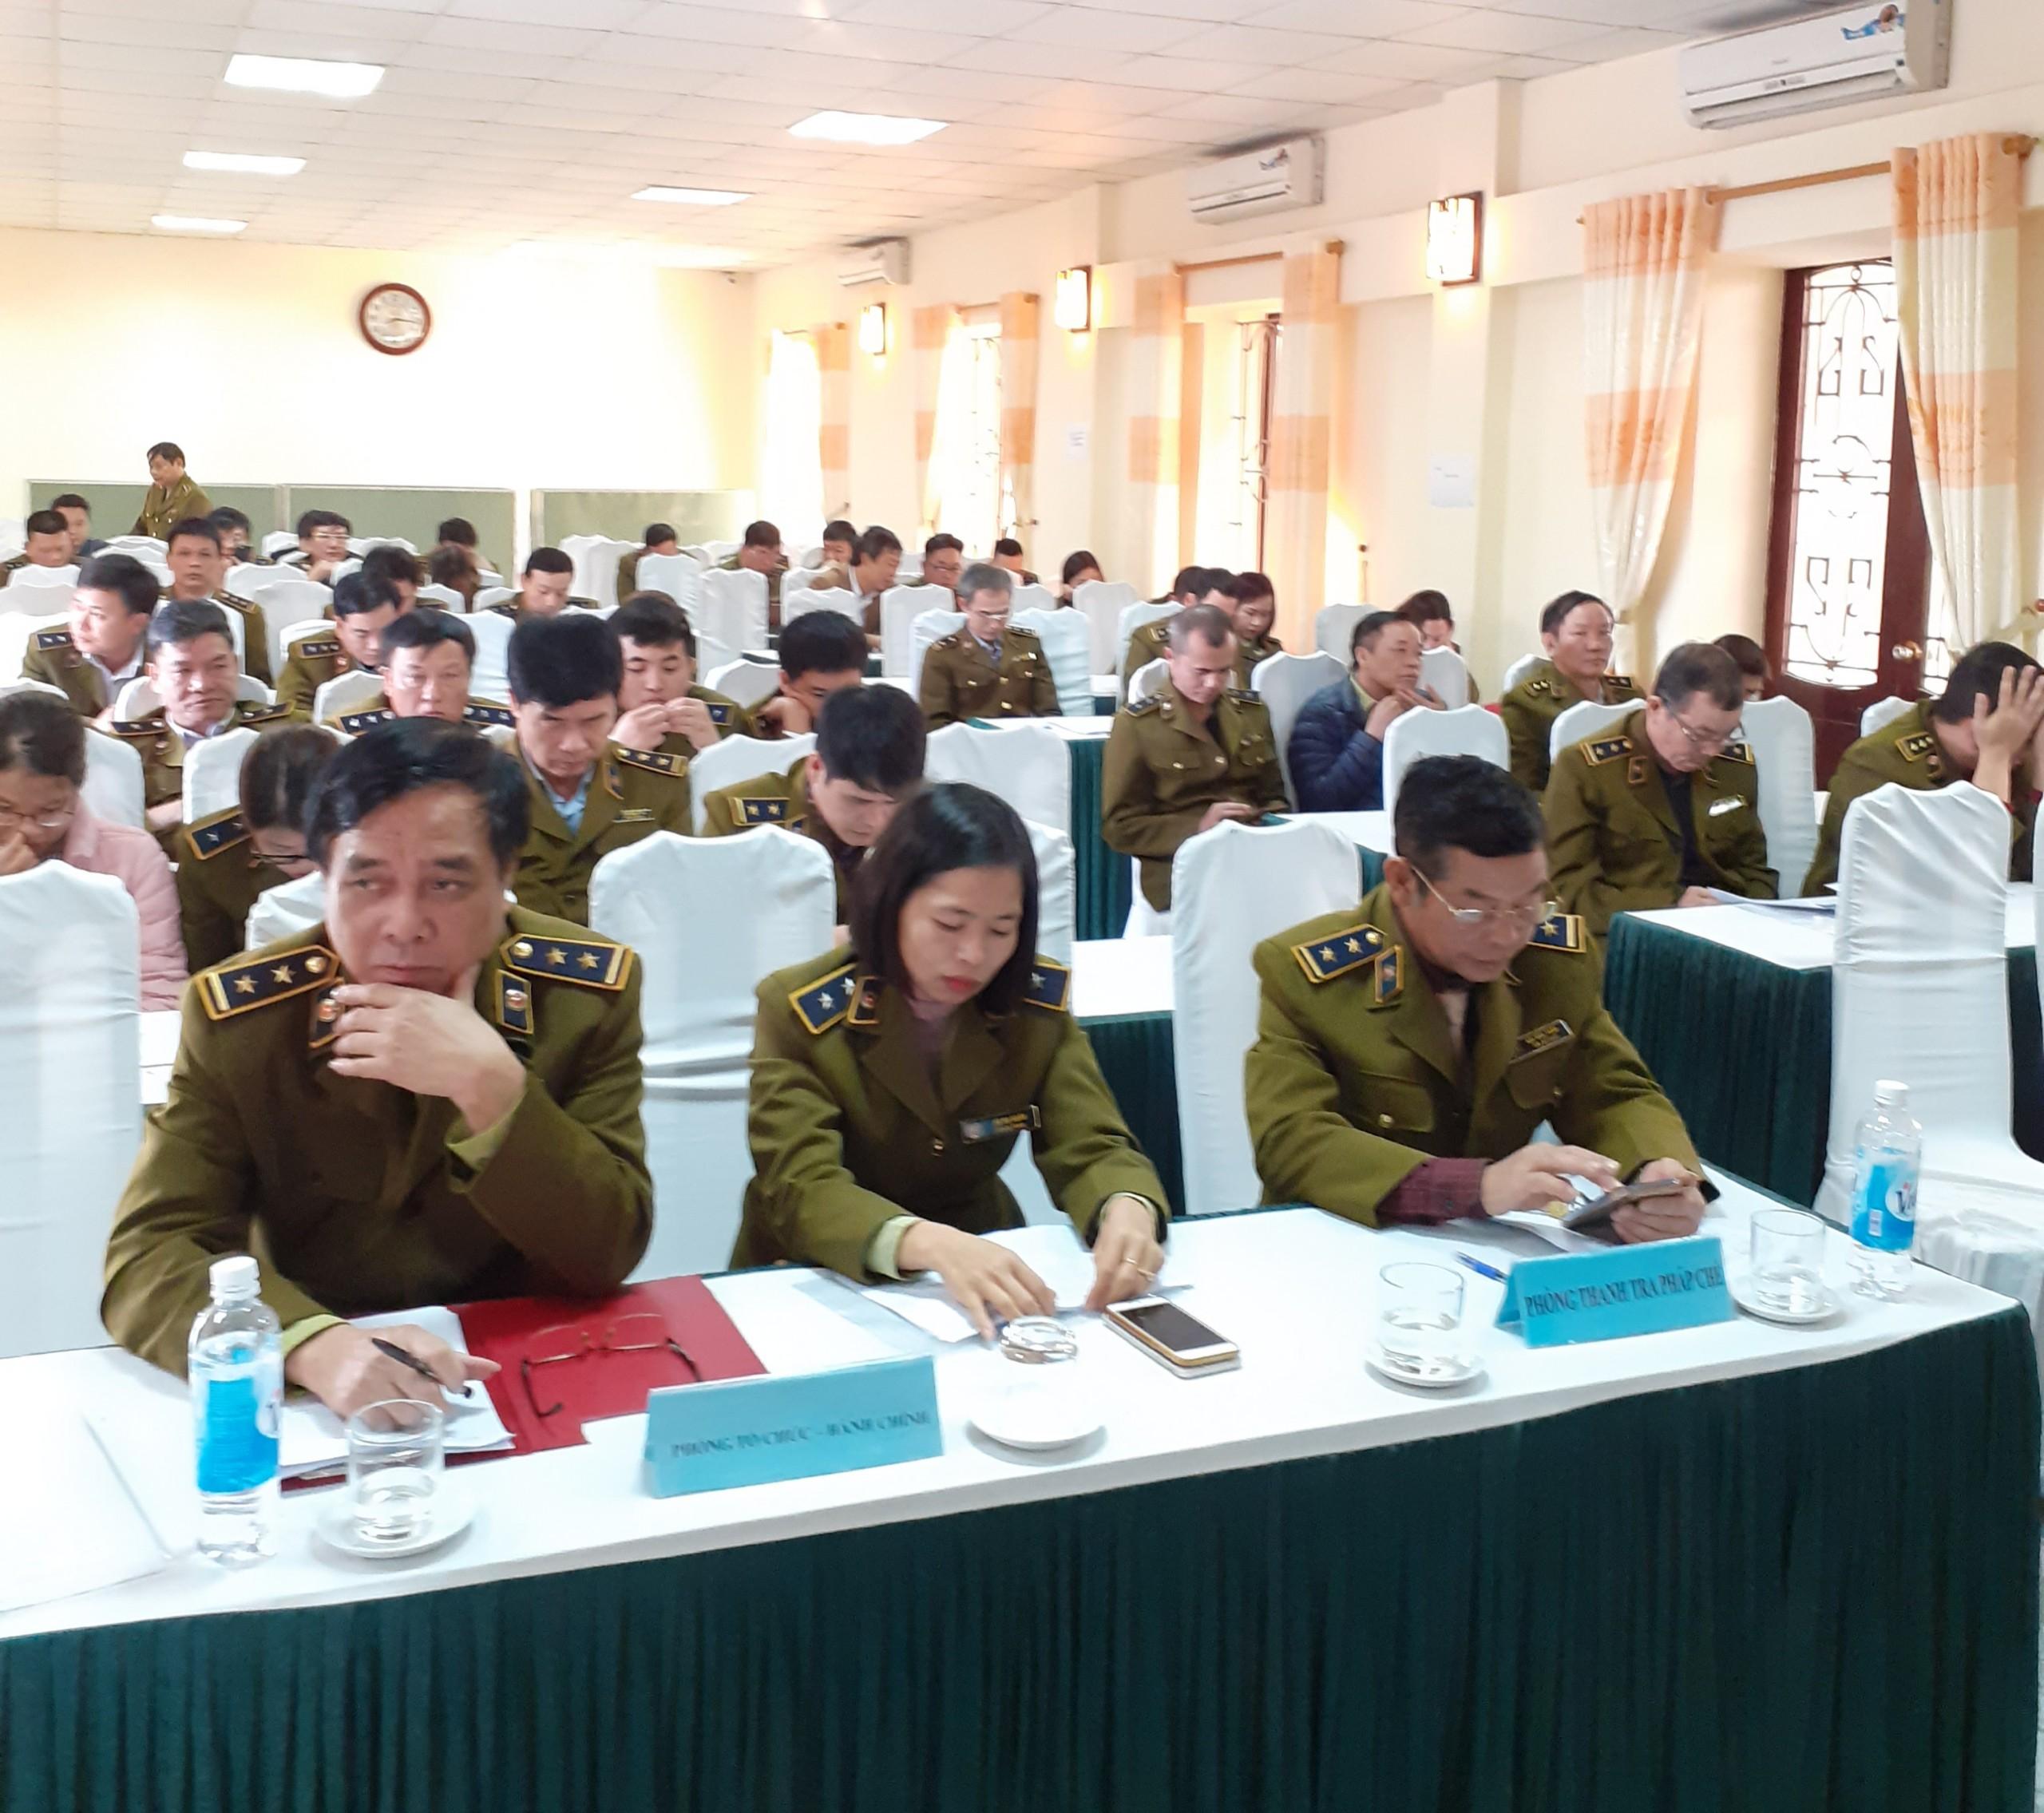 Cục Quản lý thị trường Thái Bình tổ chức Hội nghị tổng kết công tác năm 2019,  triển khai nhiệm vụ năm 2020 và Hội nghị Cán bộ, công chức năm 2020